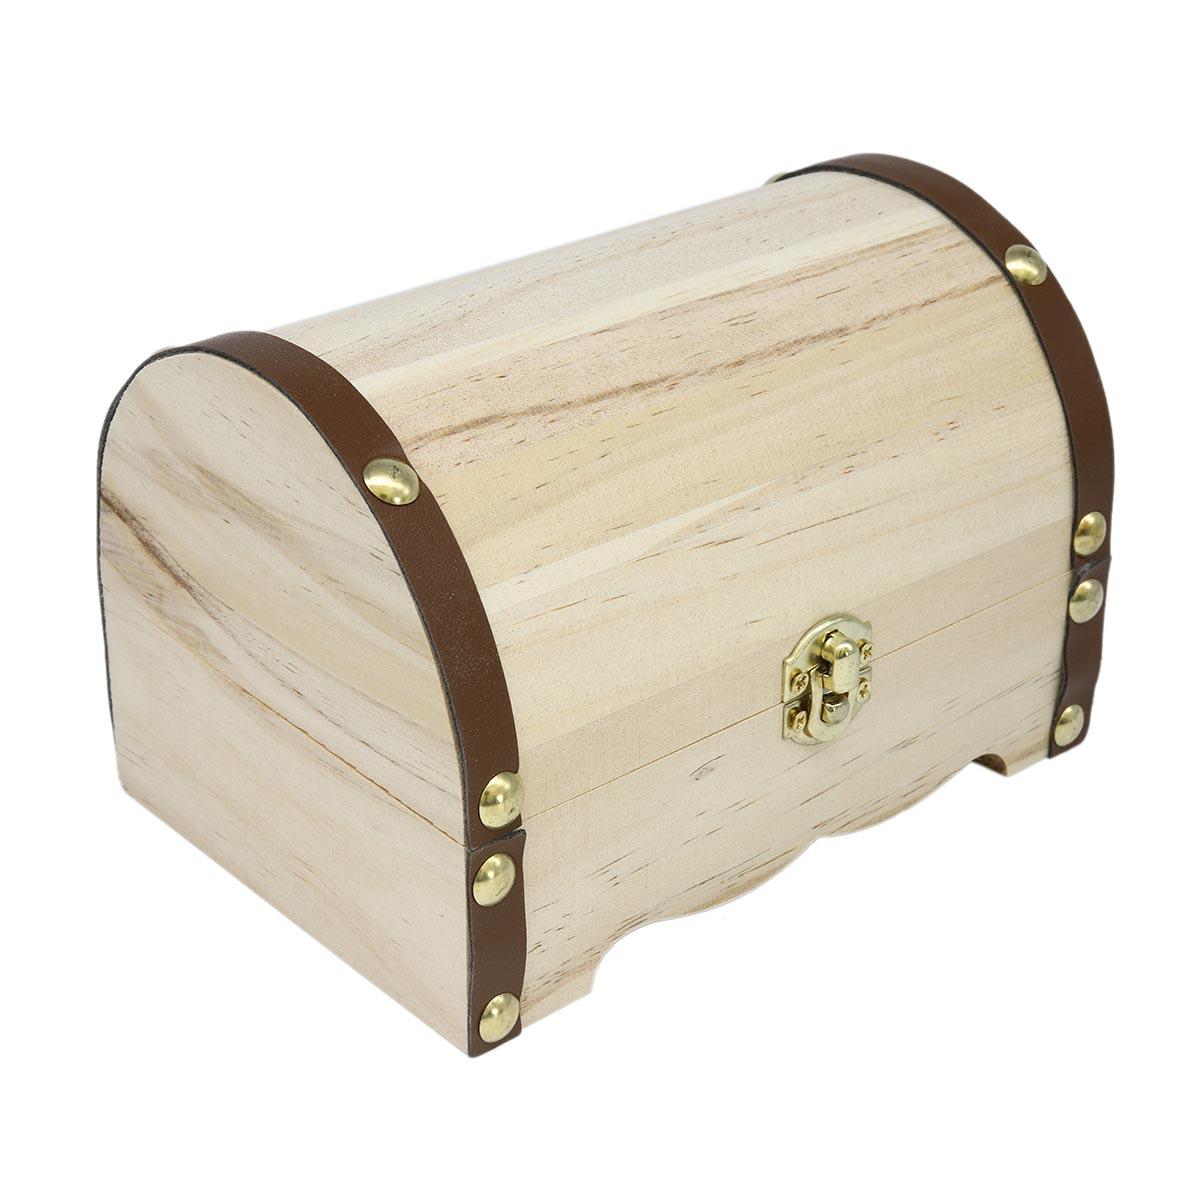 62003250 Сундук деревянный, 15*10*10 см, Glorex